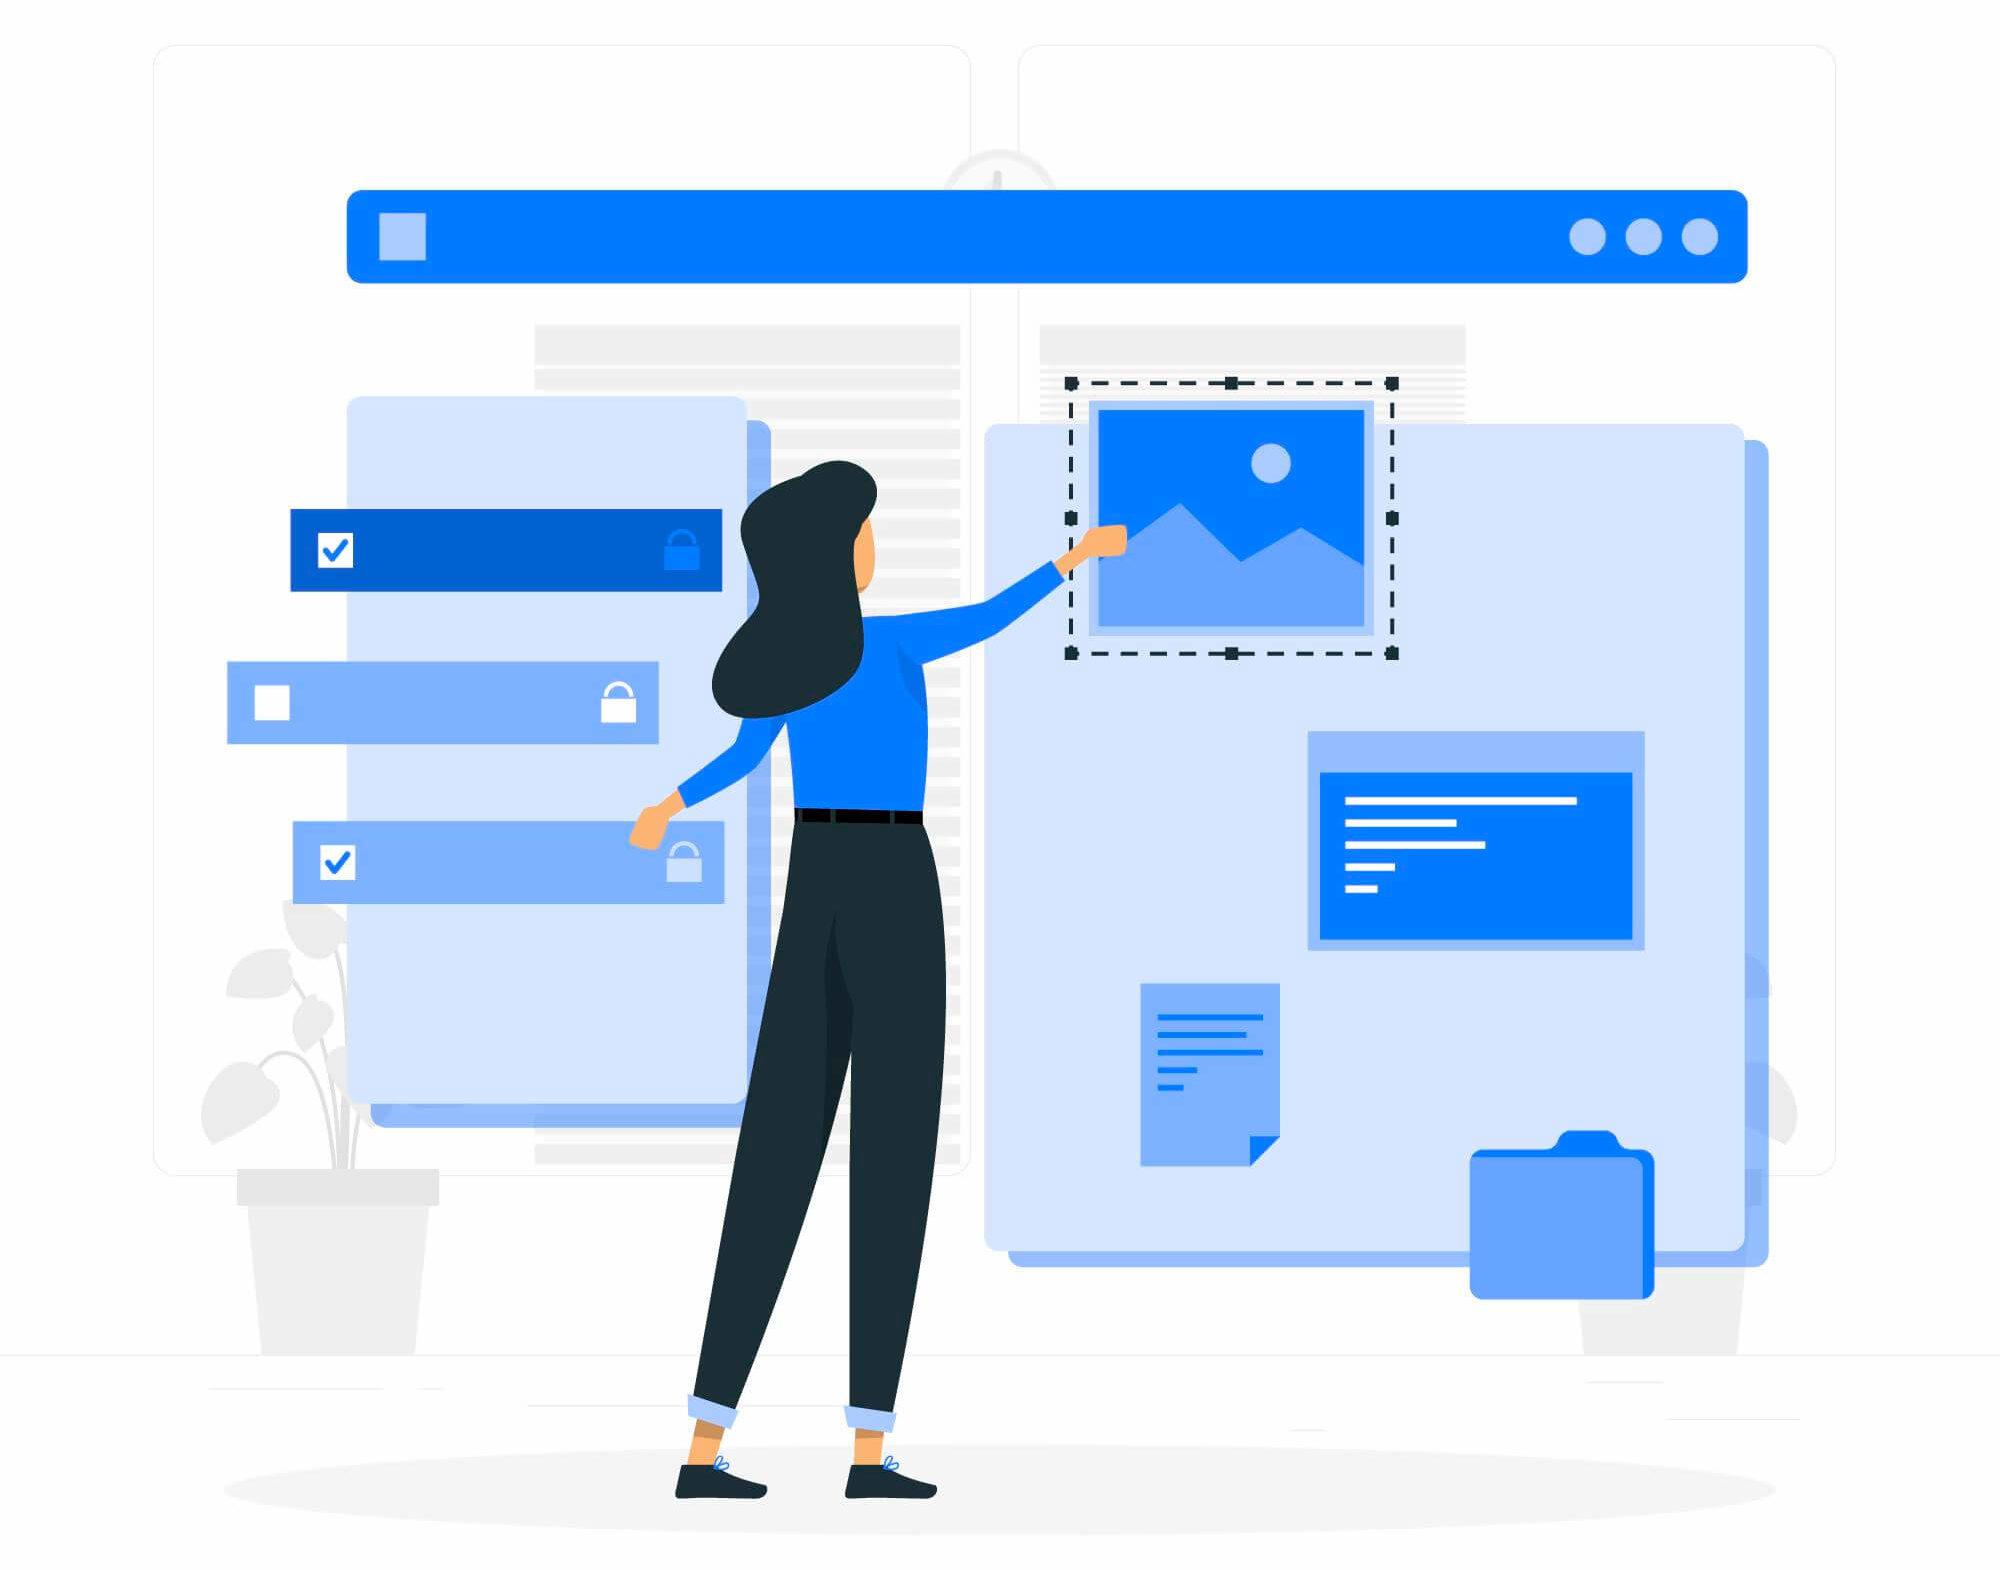 ilustración de una mujer construyendo una web con wordpress